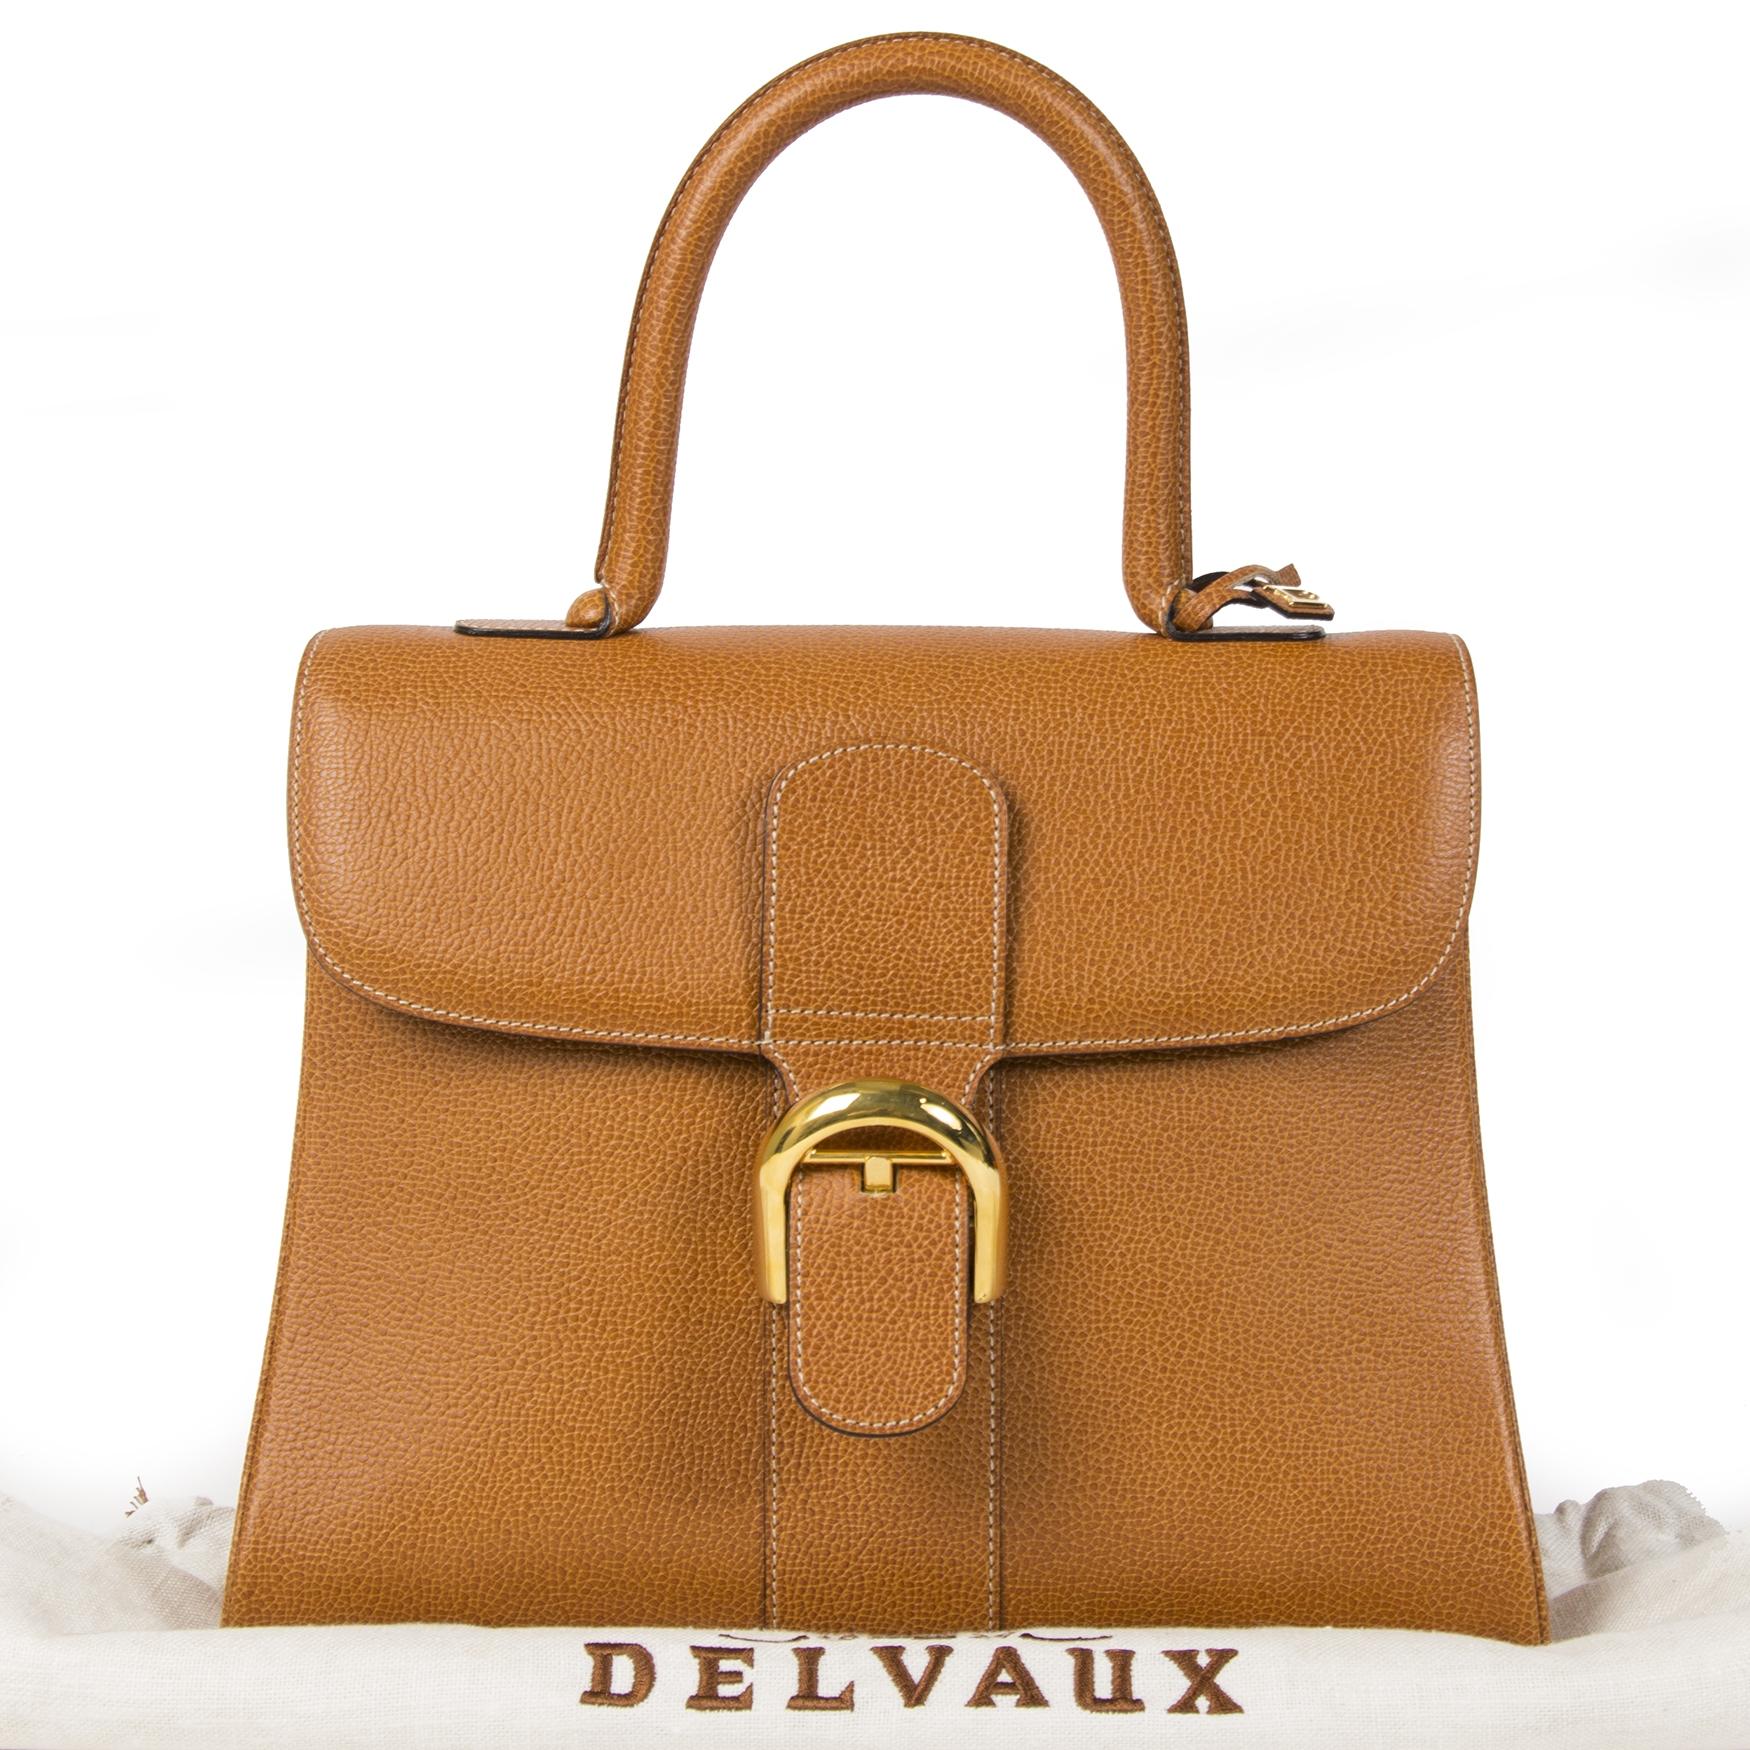 100% authentic Delvaux Camel Brillant MM Bag